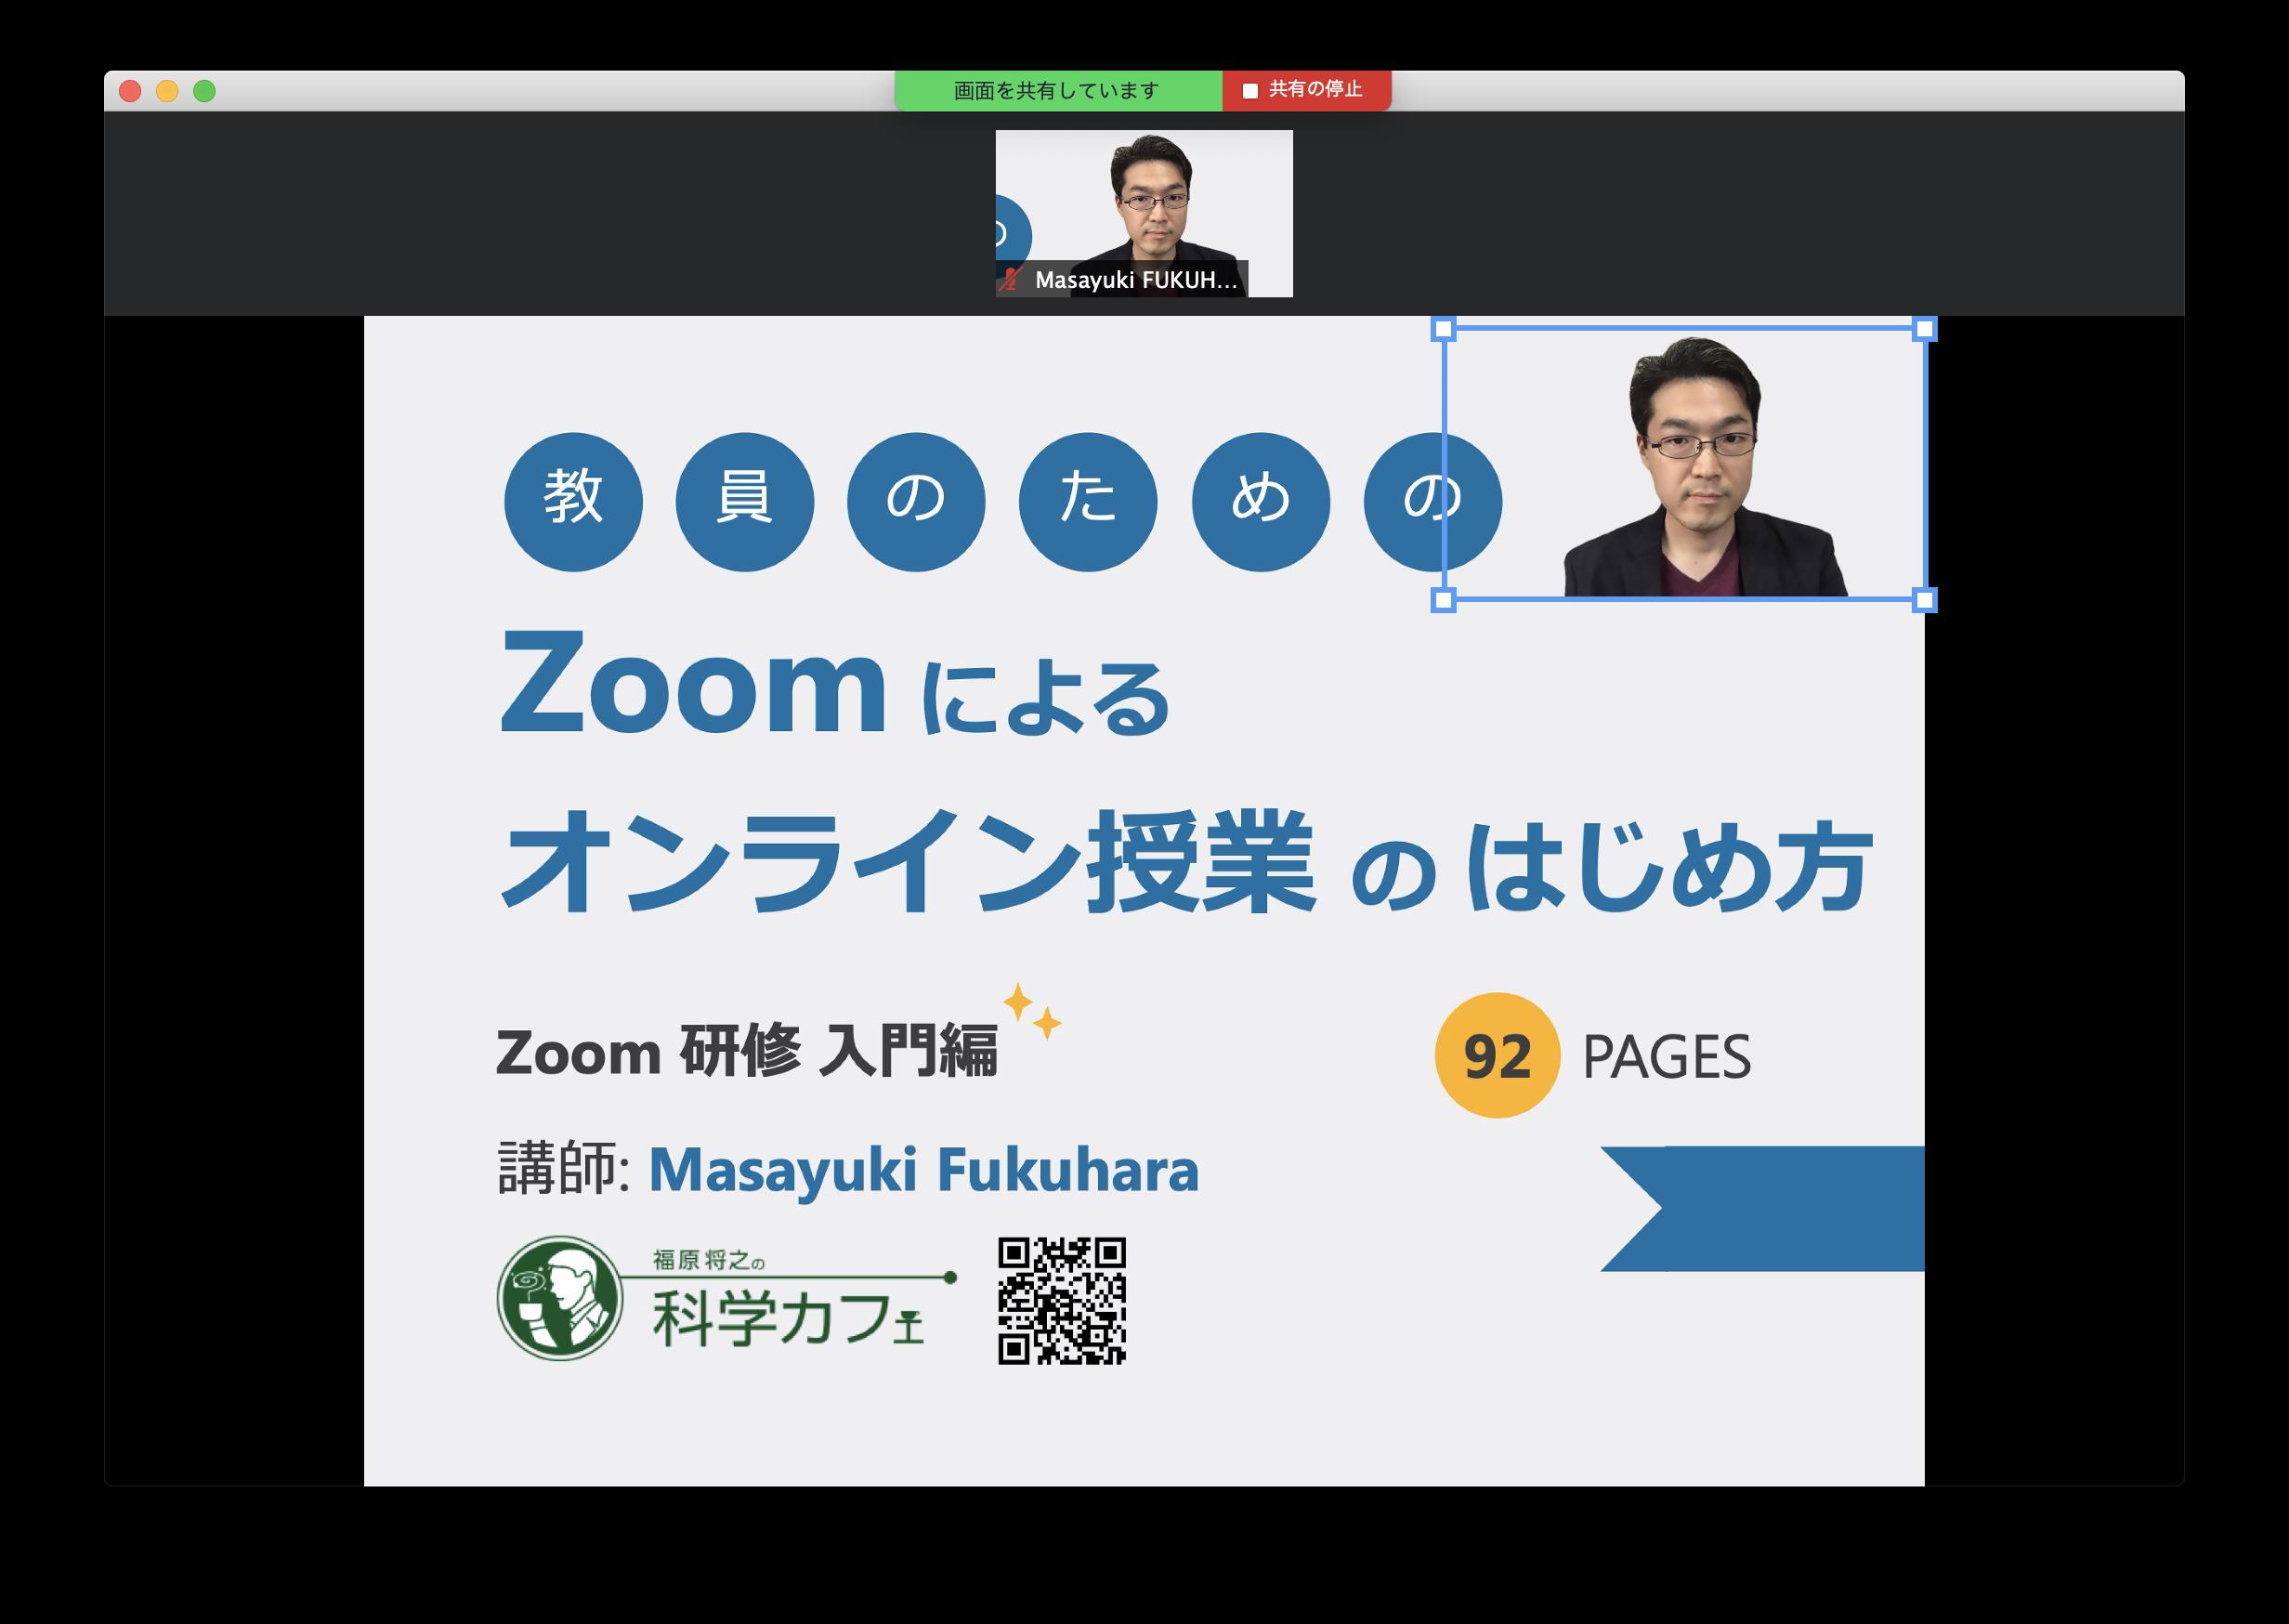 共有 Zoom 動画